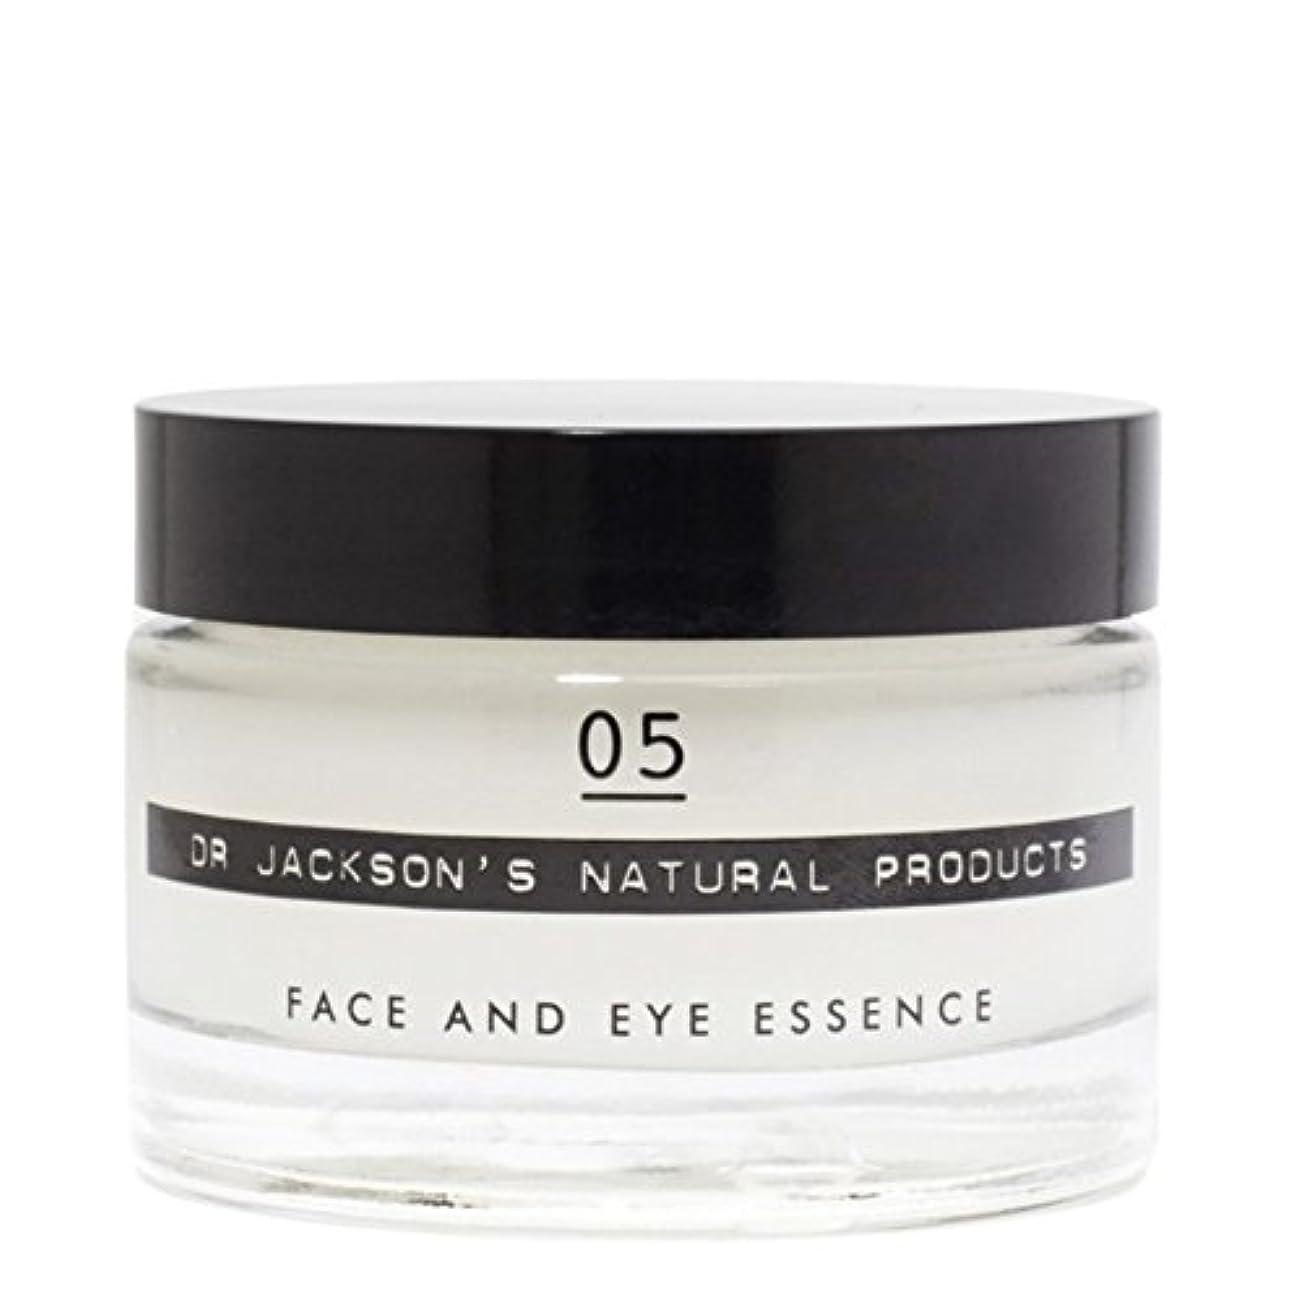 助言する見かけ上サイクロプスジャクソンの05顔や目の本質50ミリリットル x2 - Dr Jackson's 05 Face and Eye Essence 50ml (Pack of 2) [並行輸入品]